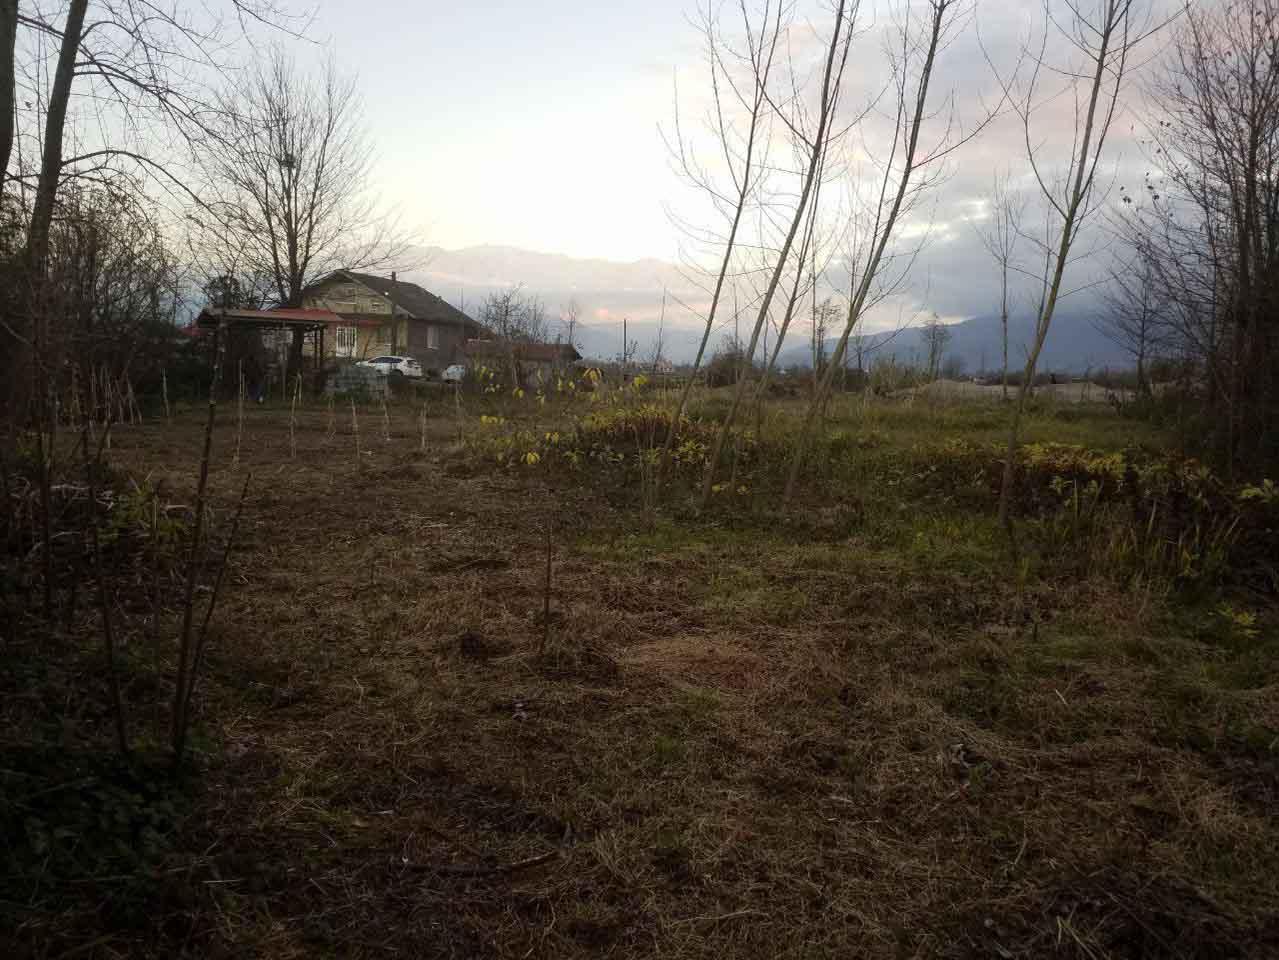 فروش زمین مسکونی 1447 متر سنددار رودسر